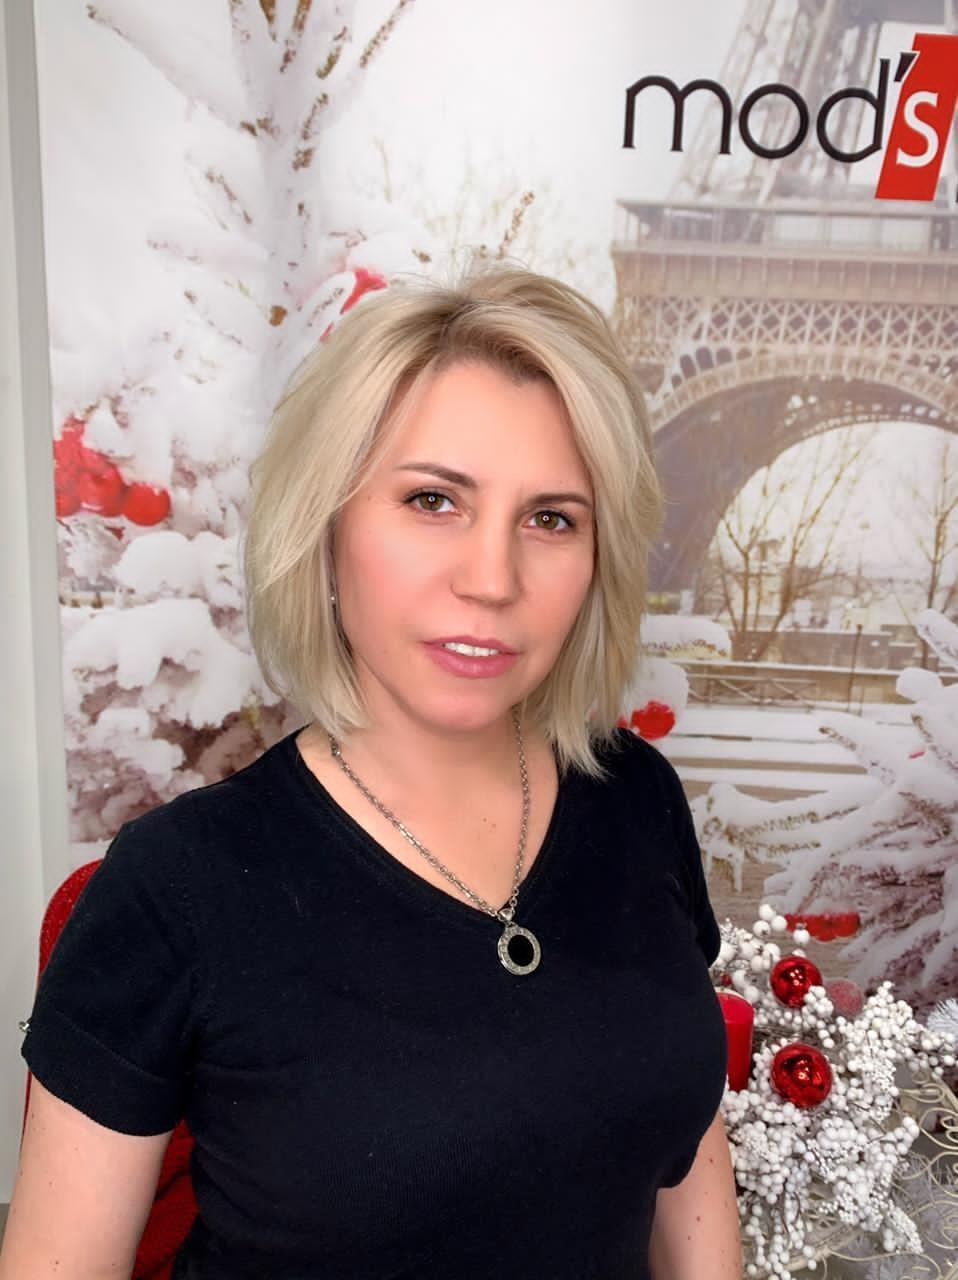 Артемьева Кира, стилист